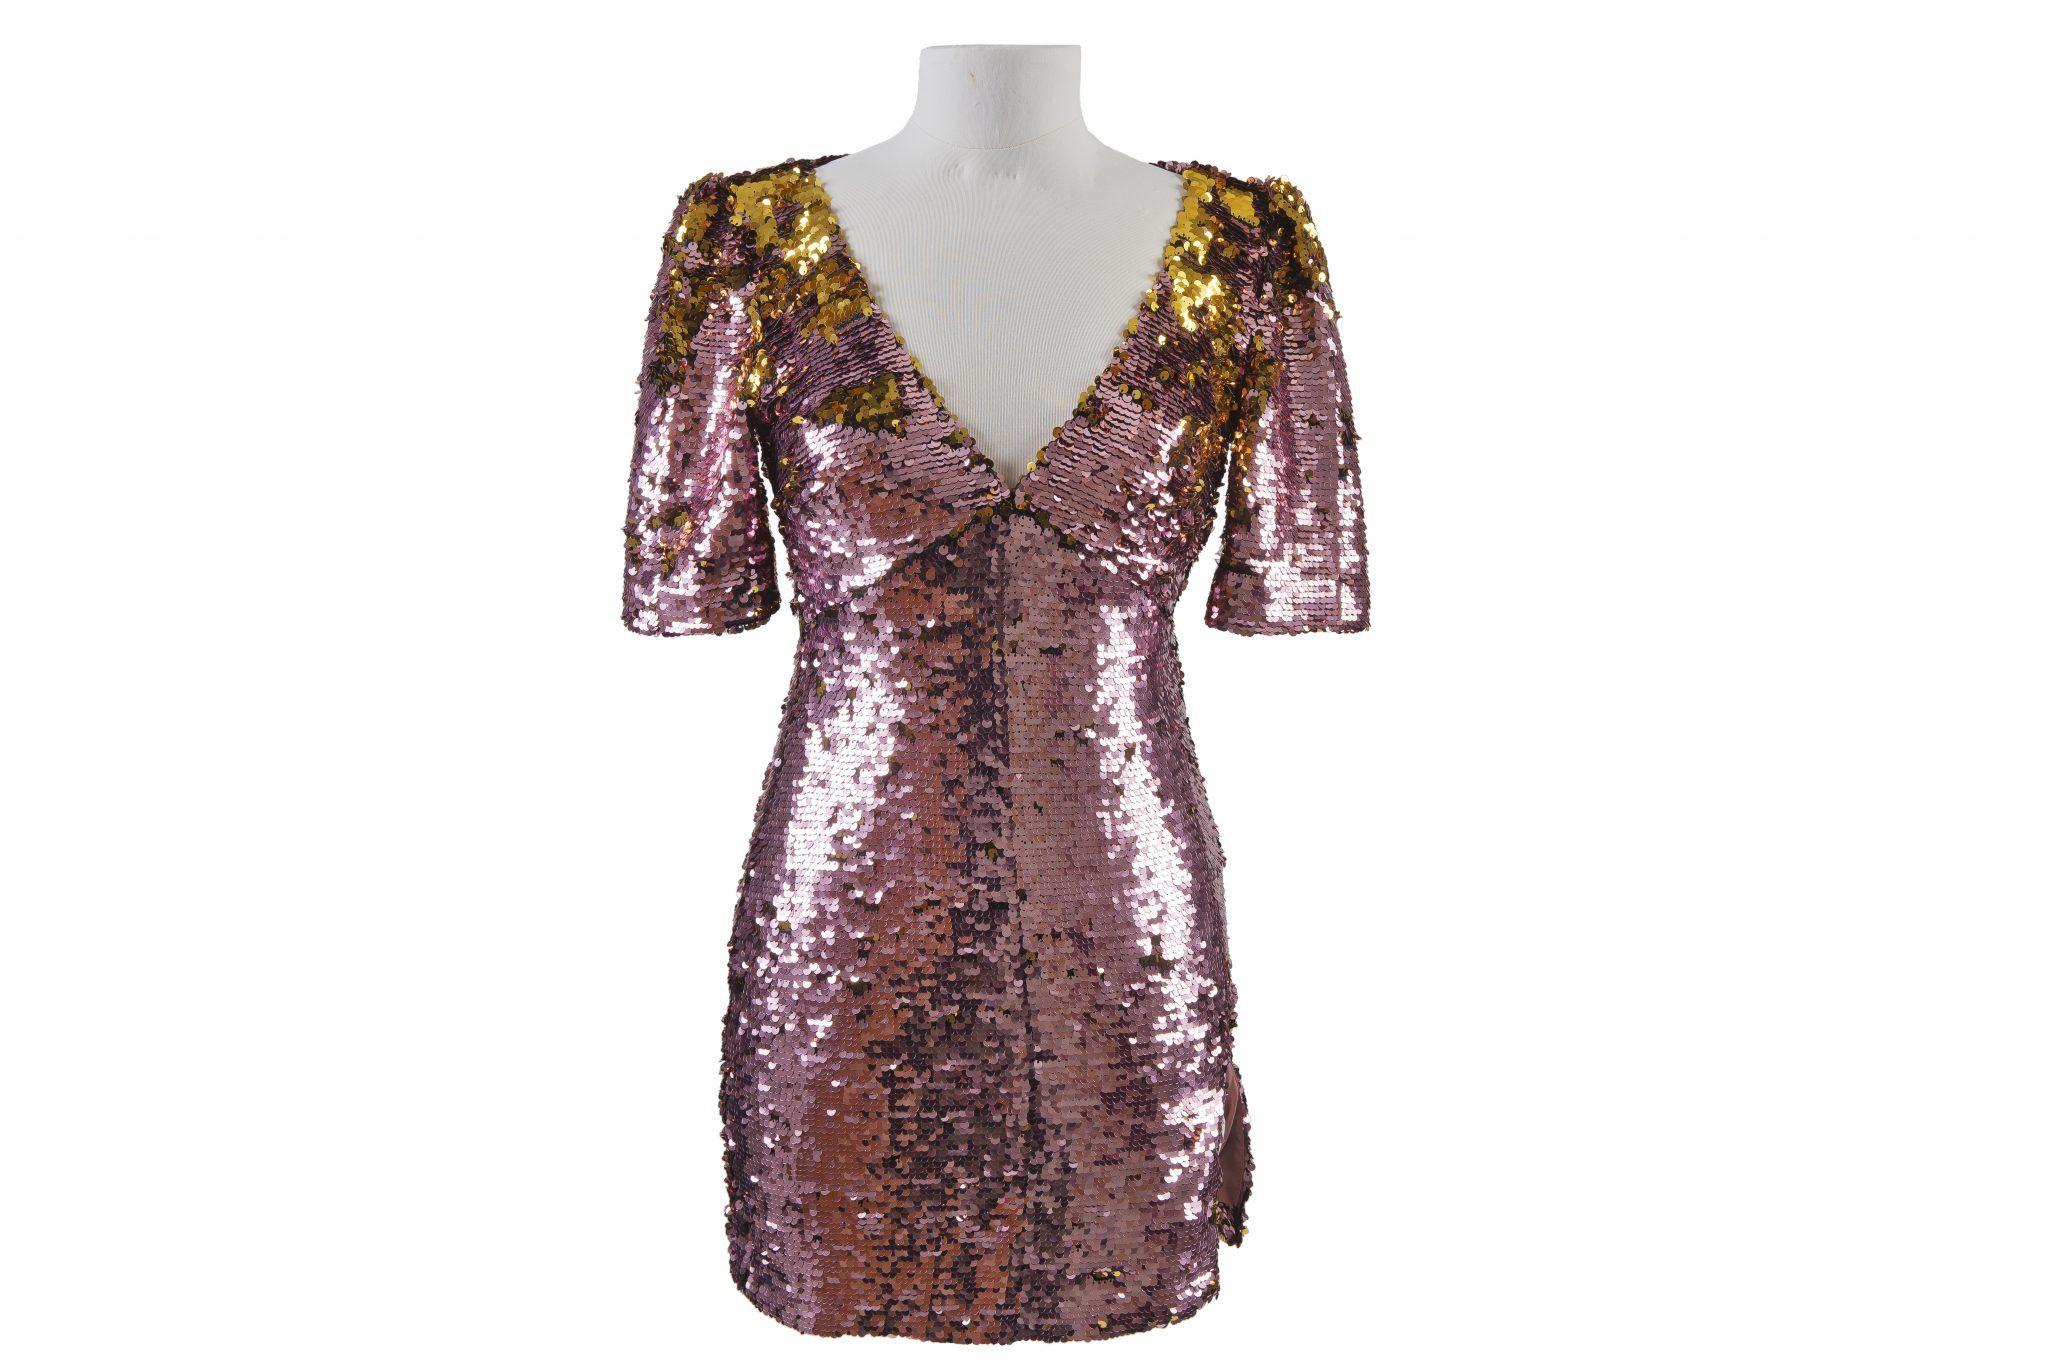 For Love & Lemons dress at Raina Dawn $245